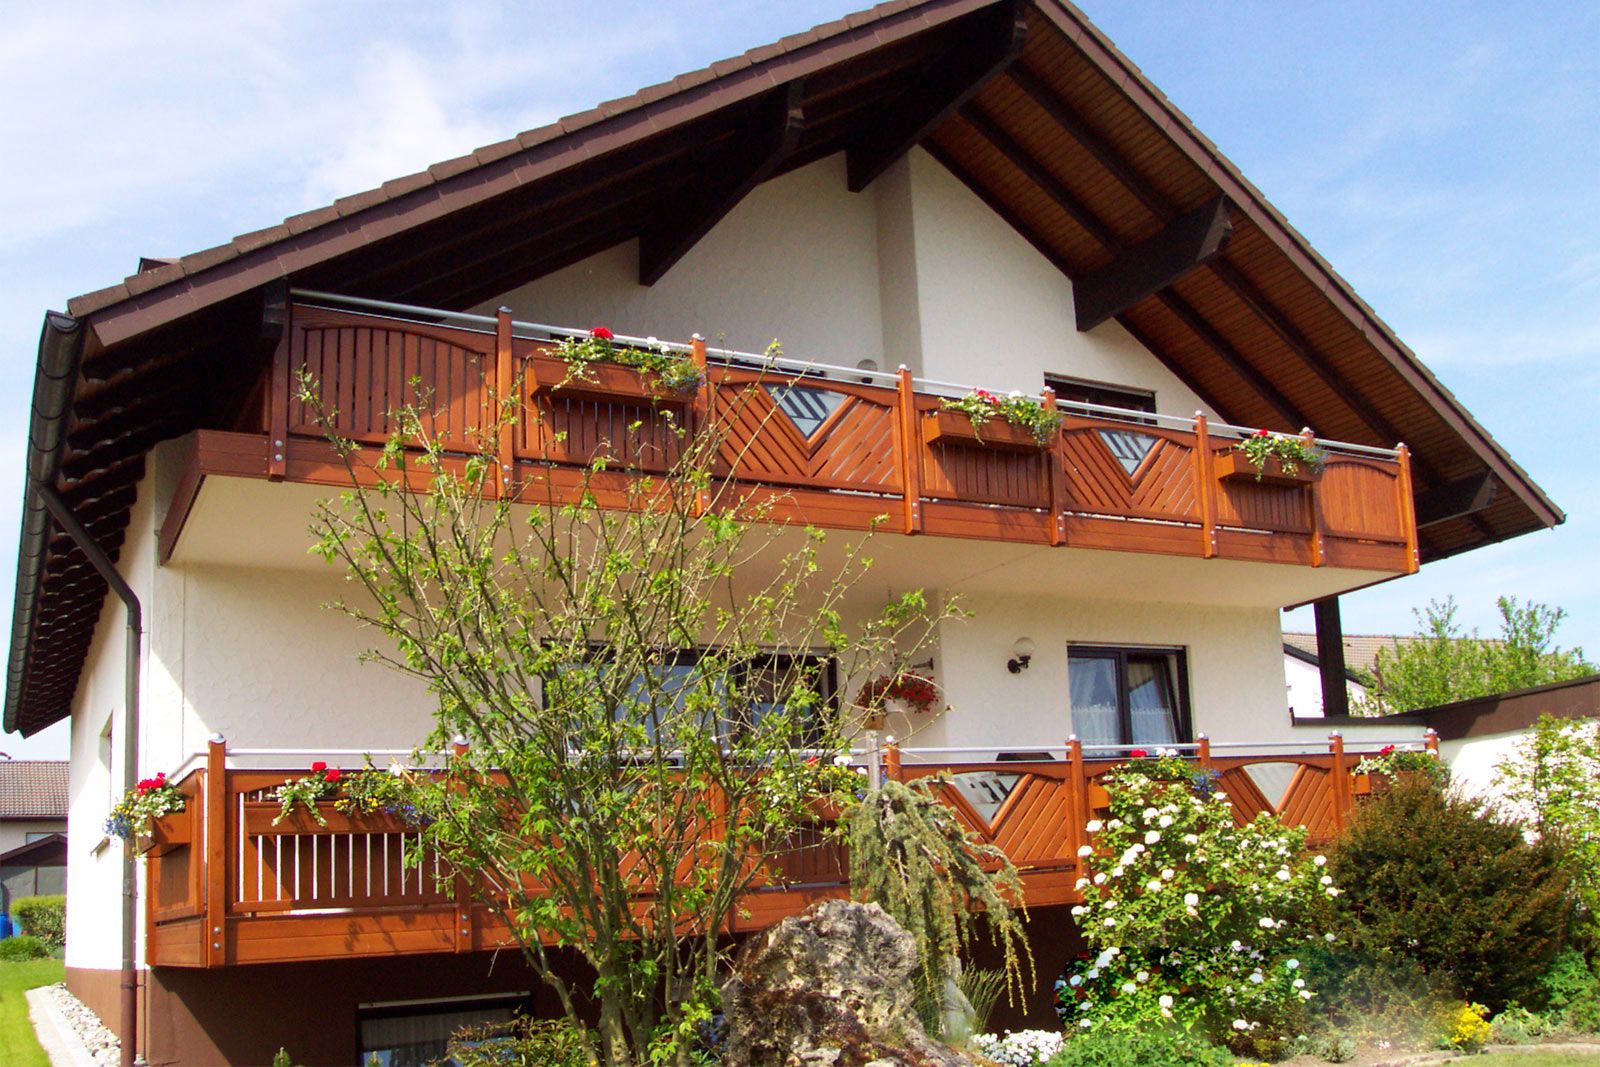 Linder balkone z une alu alubalkone alu balkonanbauten alu berdachungen holz liba alu system - Couchtische holz mit glaseinlage ...